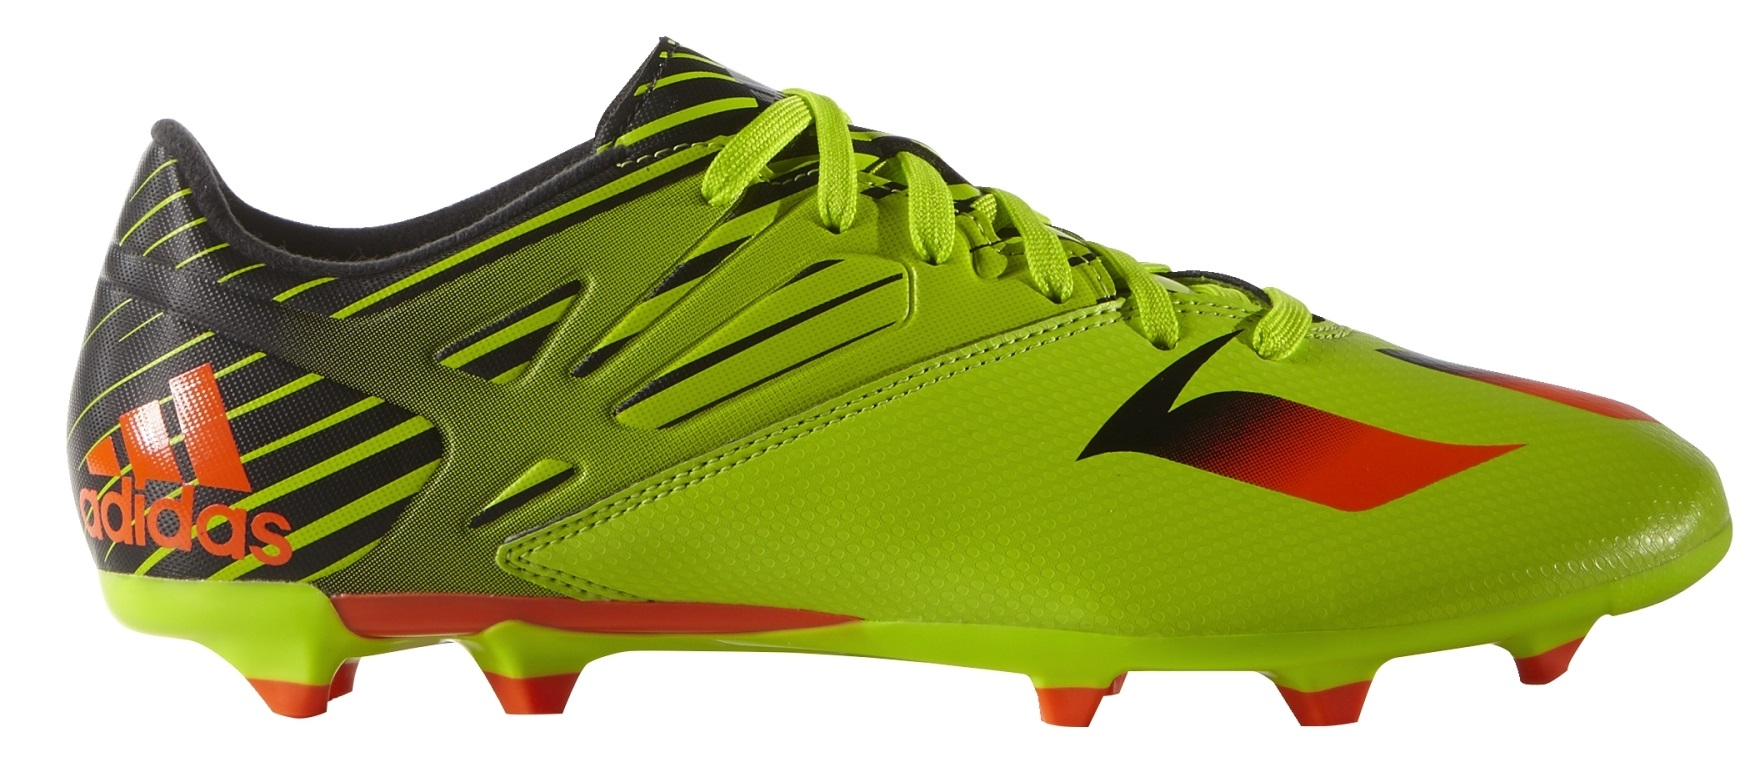 promo code fa41e 453e4 Zapatos de Fútbol Adidas Messi 15.3 FG AG colore amarillo negro - Adidas -  SportIT.com